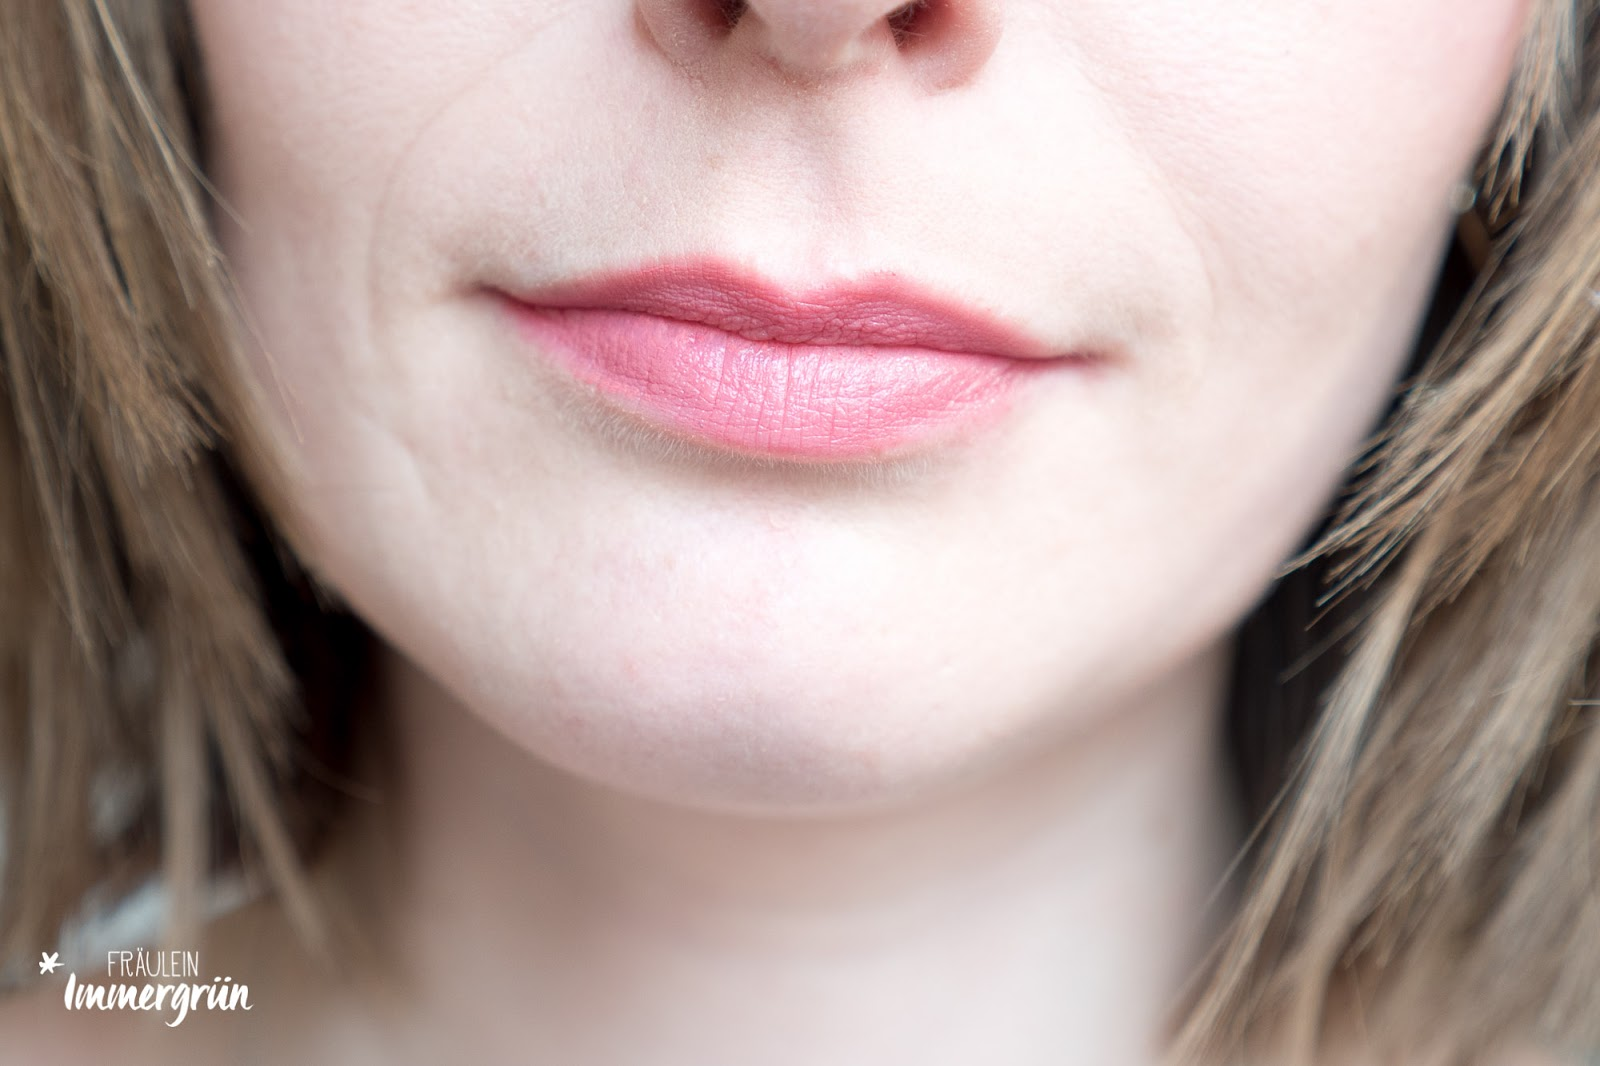 ARIA Pure Lipsticks von Hynt Beauty / Pinkbelle / Lippenstift vegan, natürlich / Swatches, Tragefotos